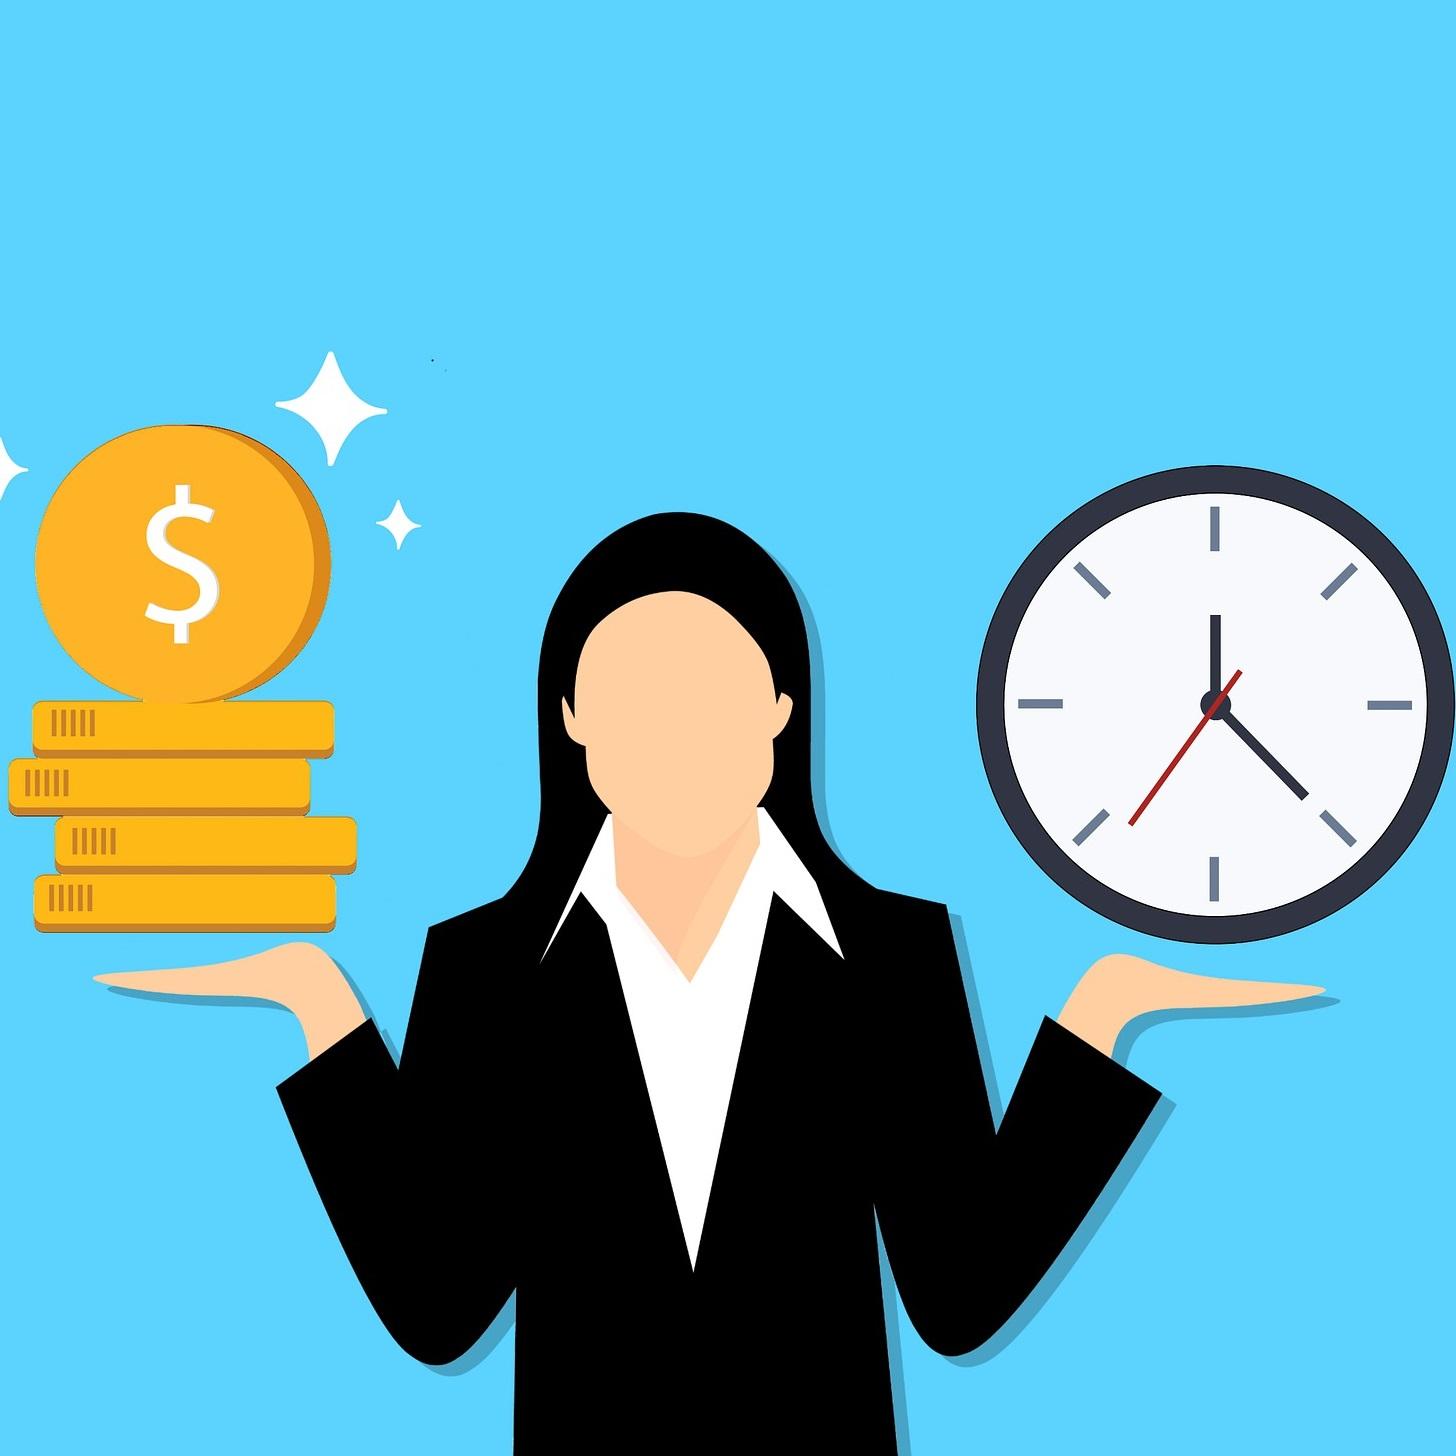 Illustration représentant un individu pesant argent contre temps